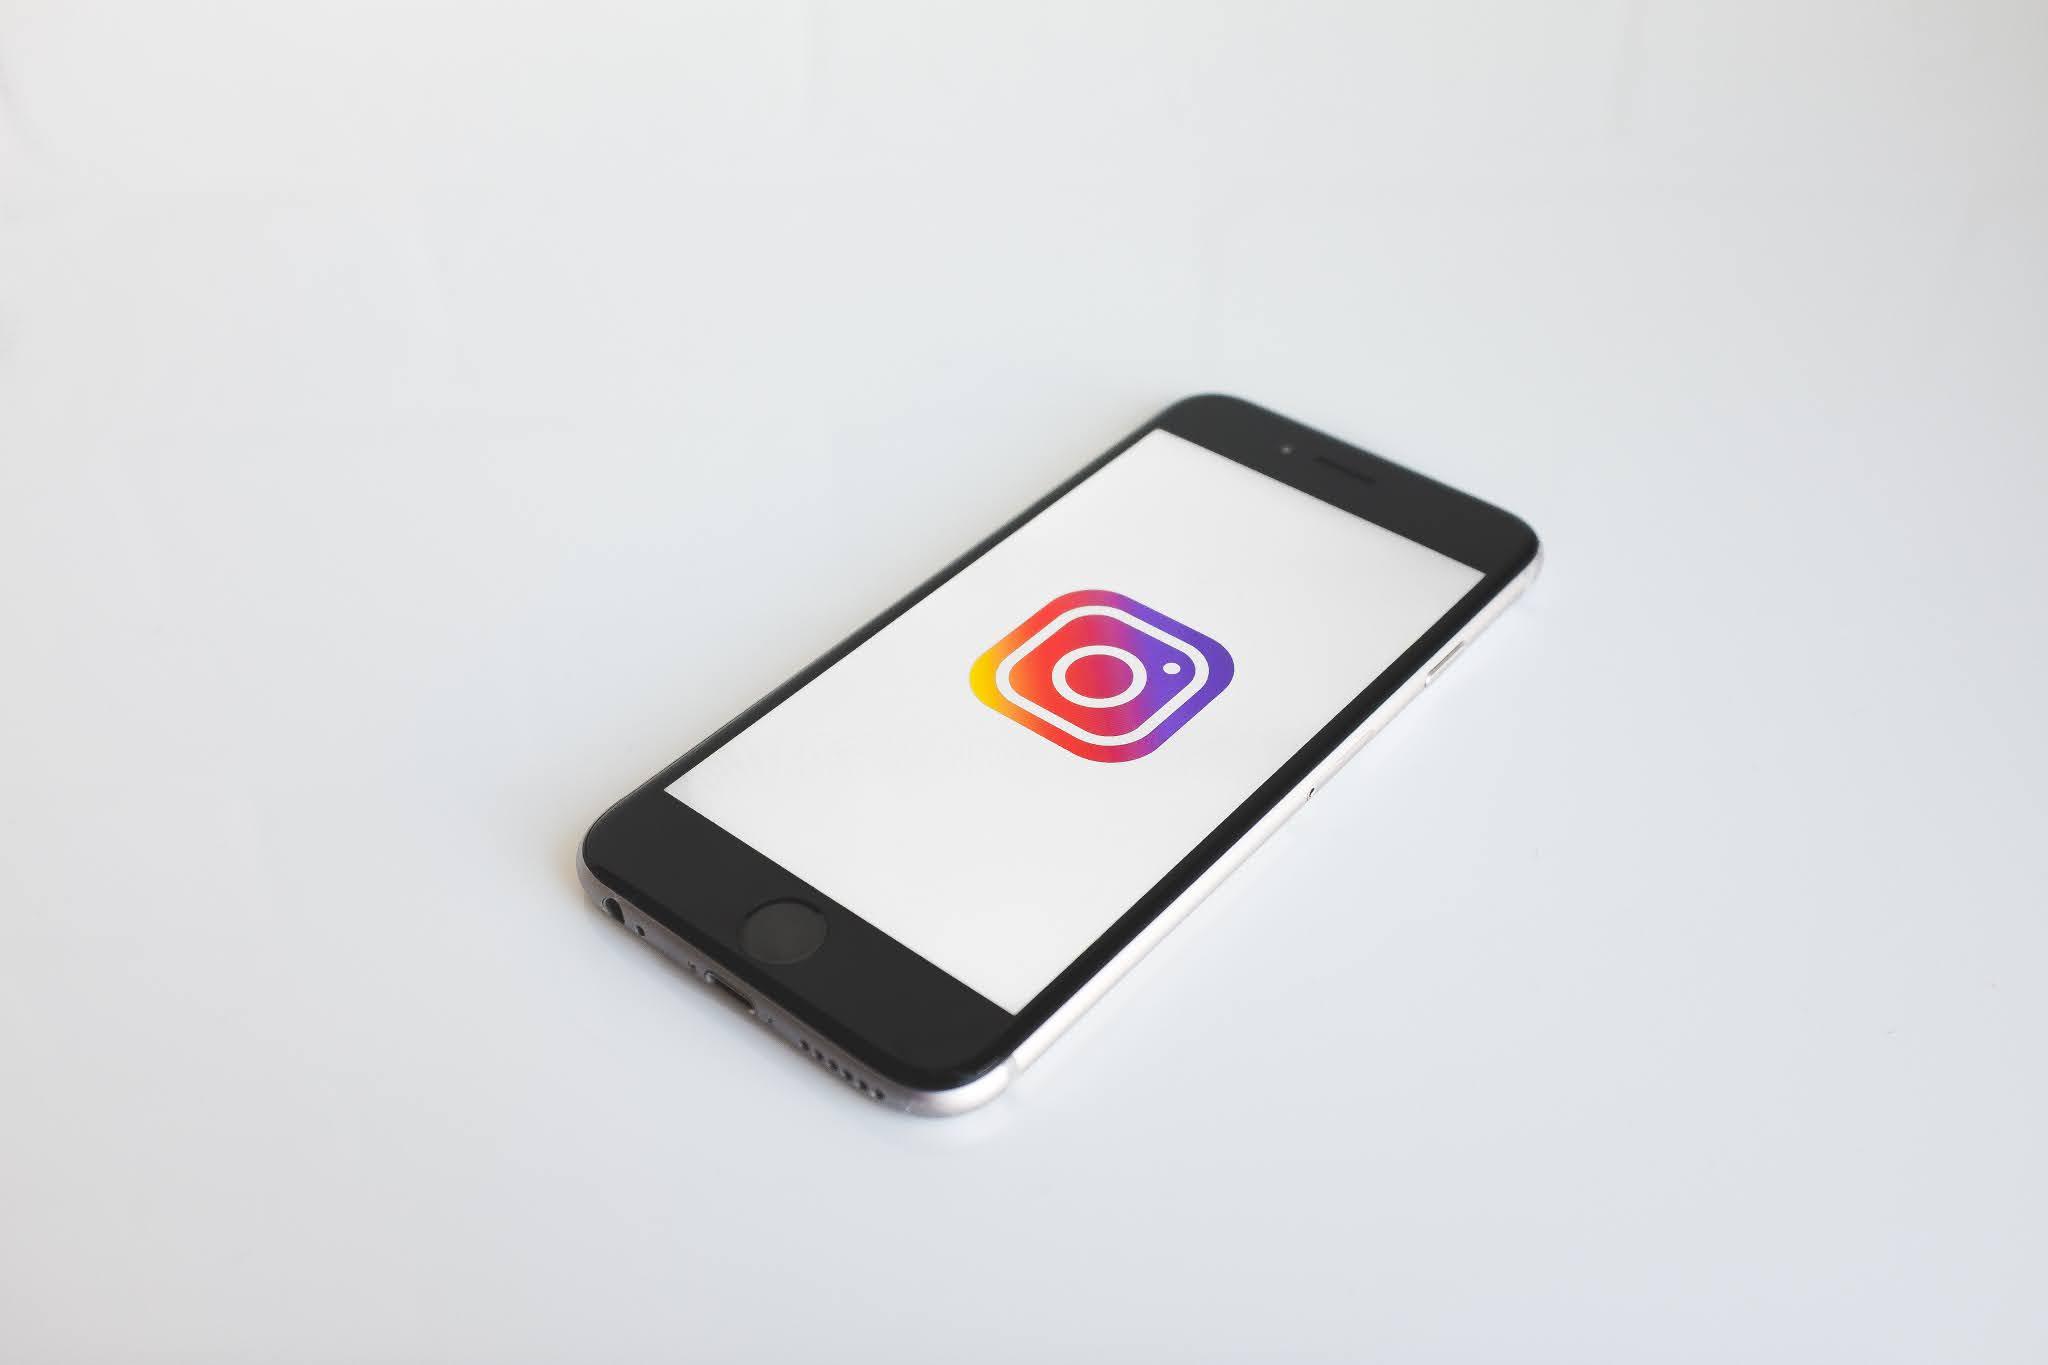 صورة لهاتف ما وعليه شعار البرنامج الشهير إنستغرام